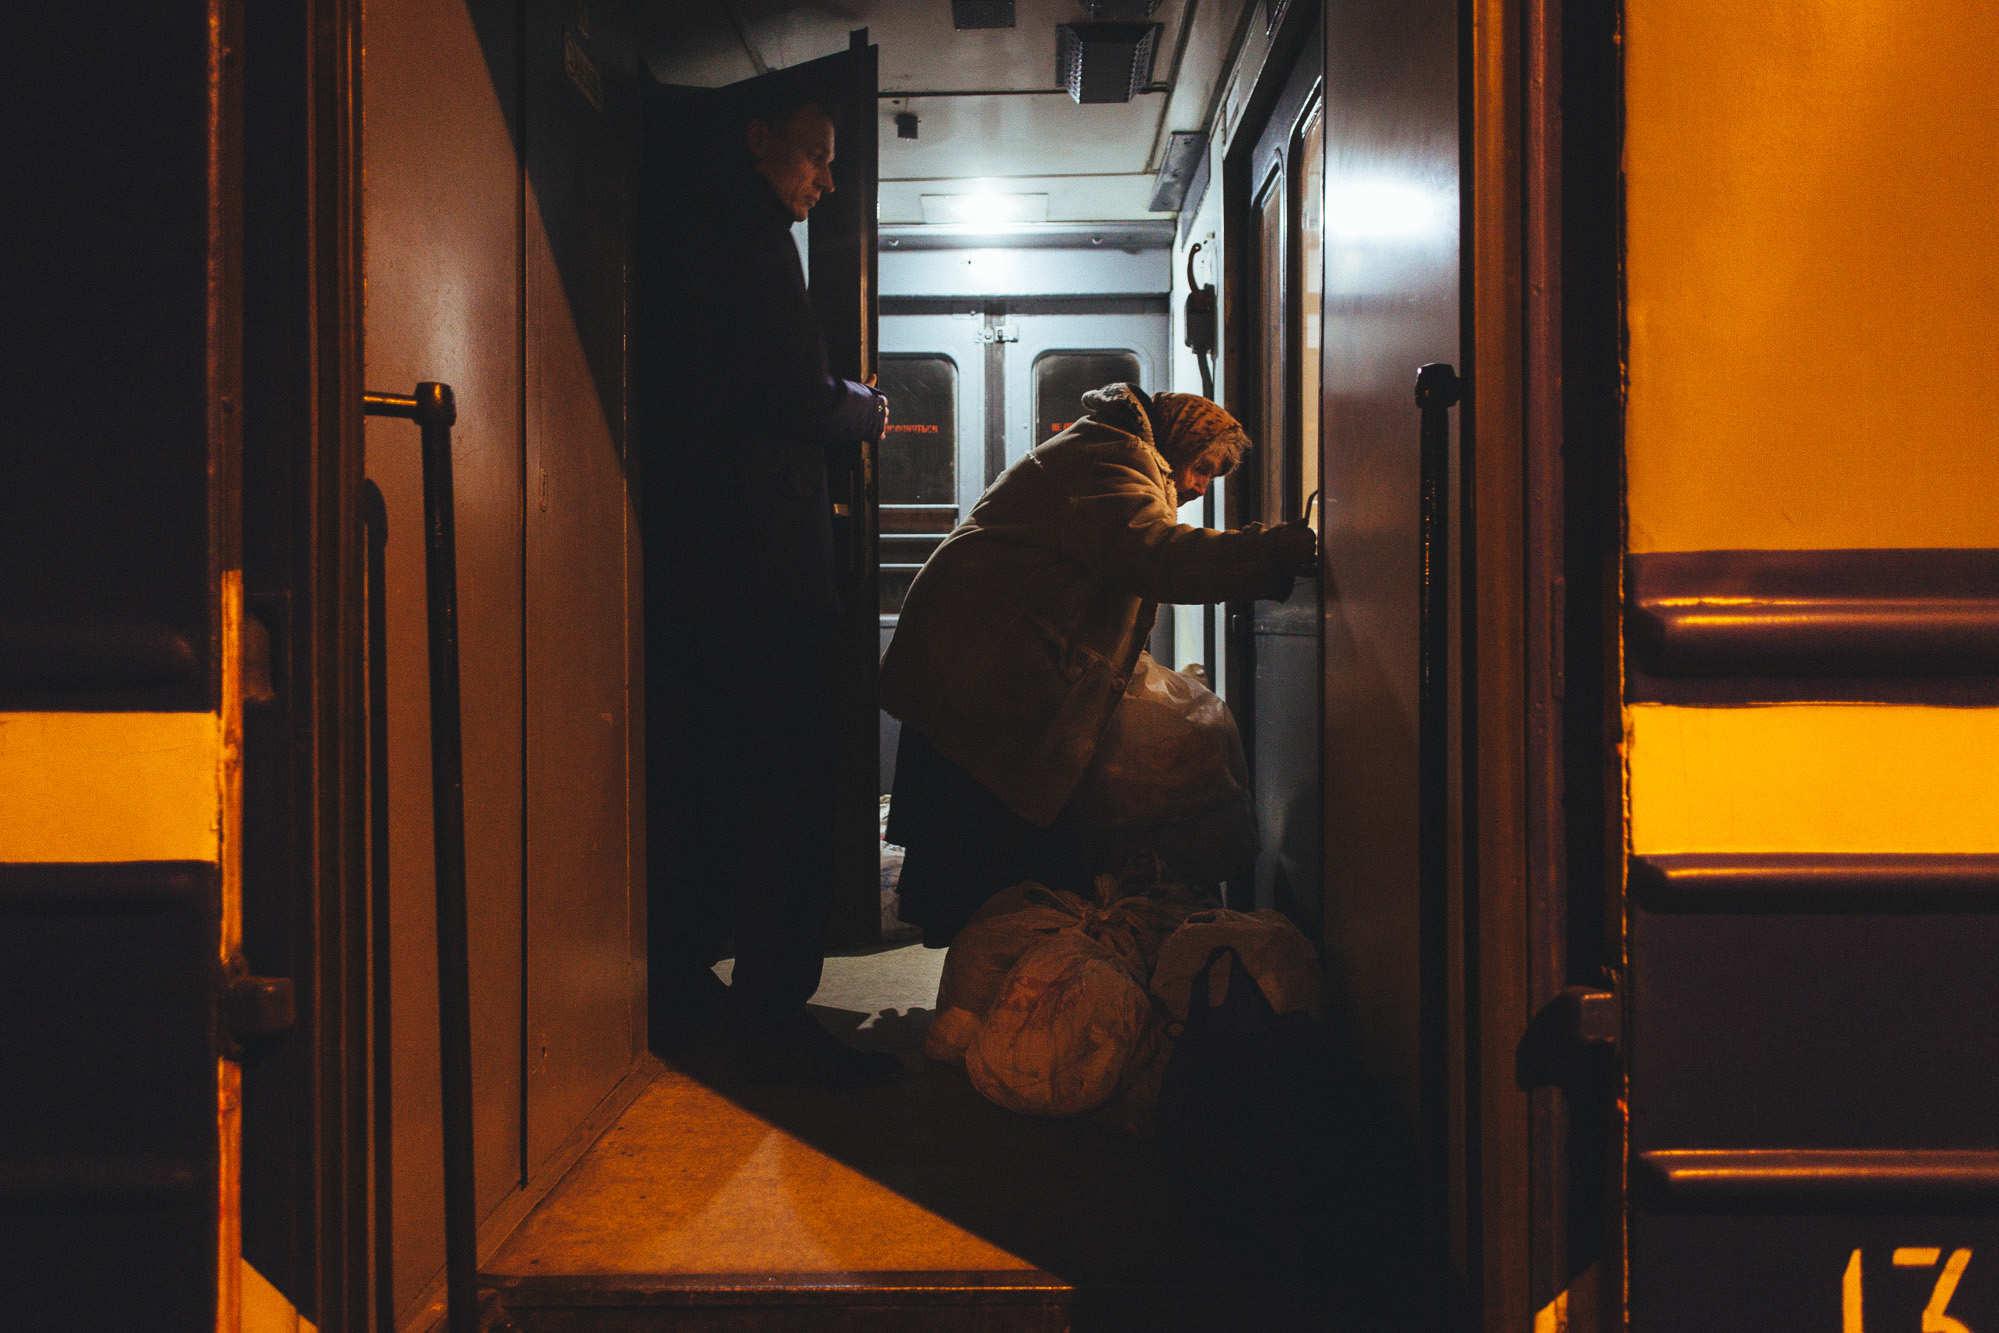 Крепость на колесах. Бабушка Нелли шесть лет живет в поездах и боится возвращаться домой